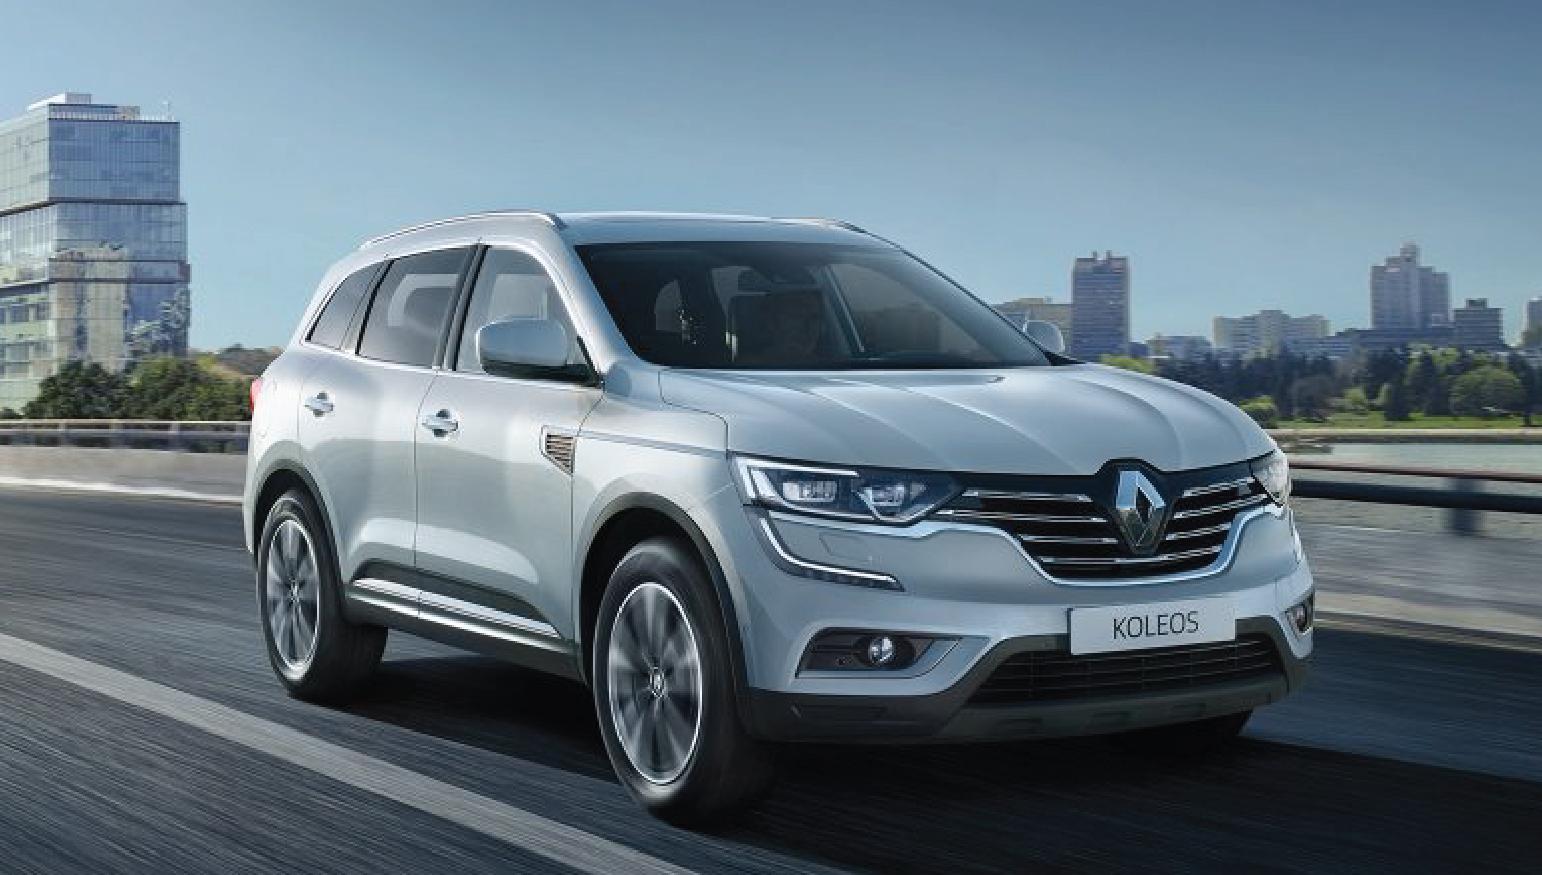 Получи выгоду на Renault KOLEOS до 220 000 рублей